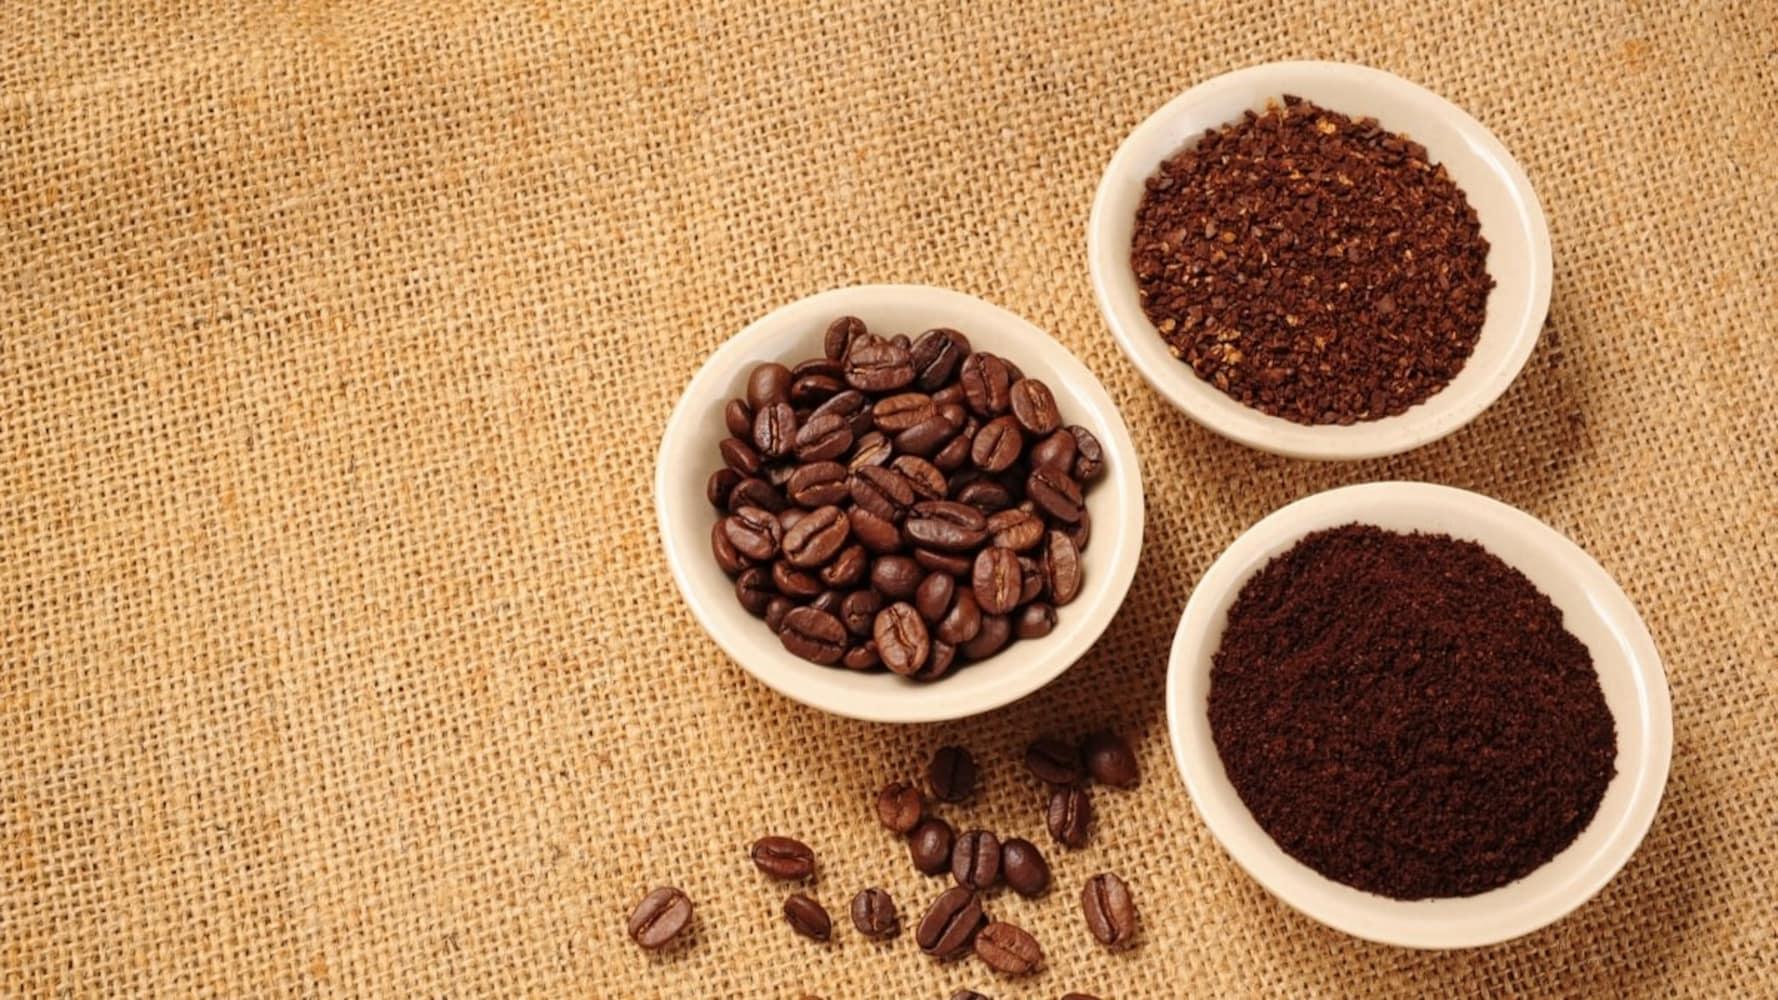 美味しさの違いは豆の挽き方と沸騰時間にアリ